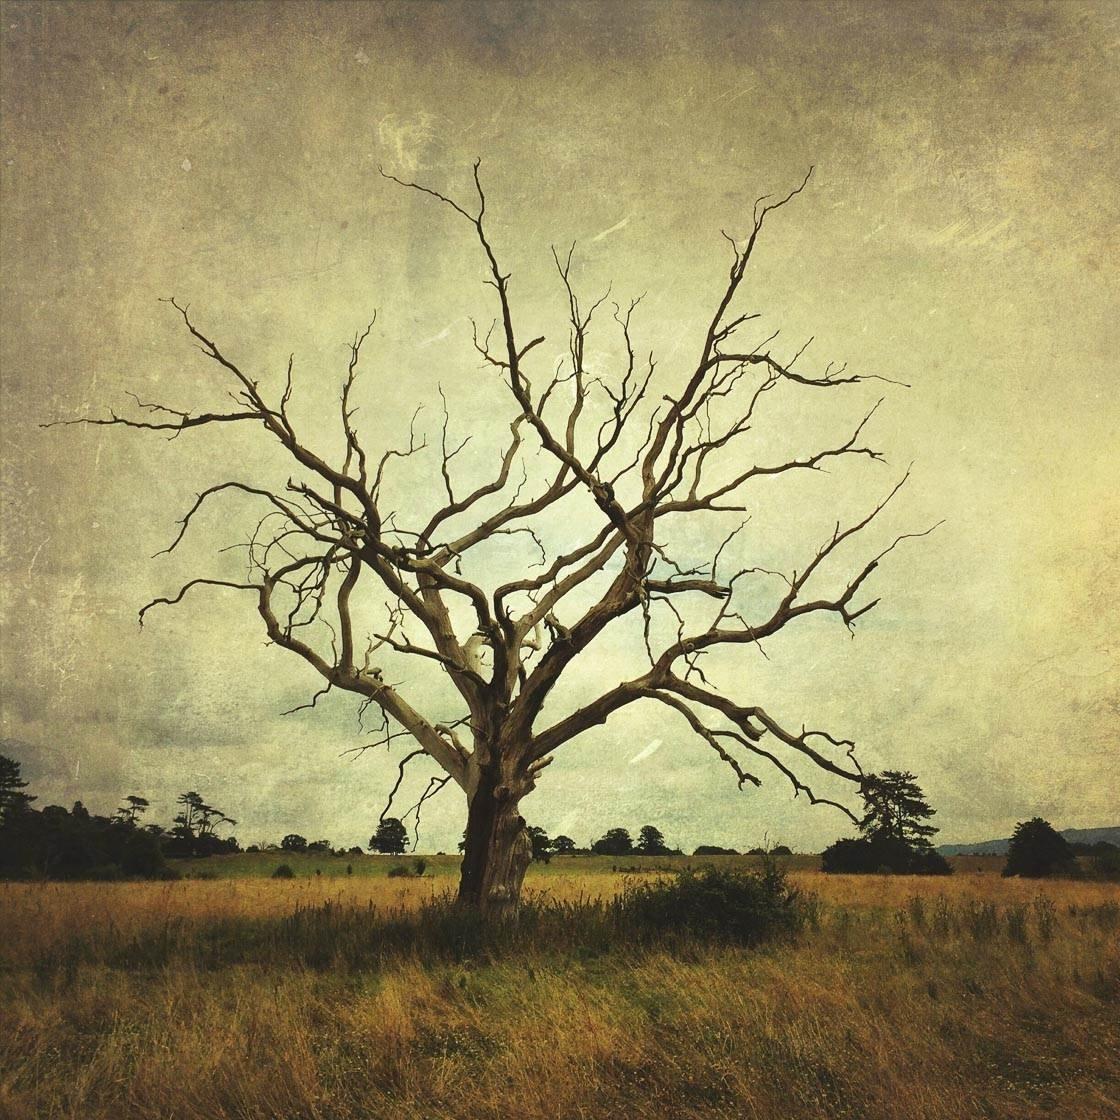 Landscape photography 46 no script